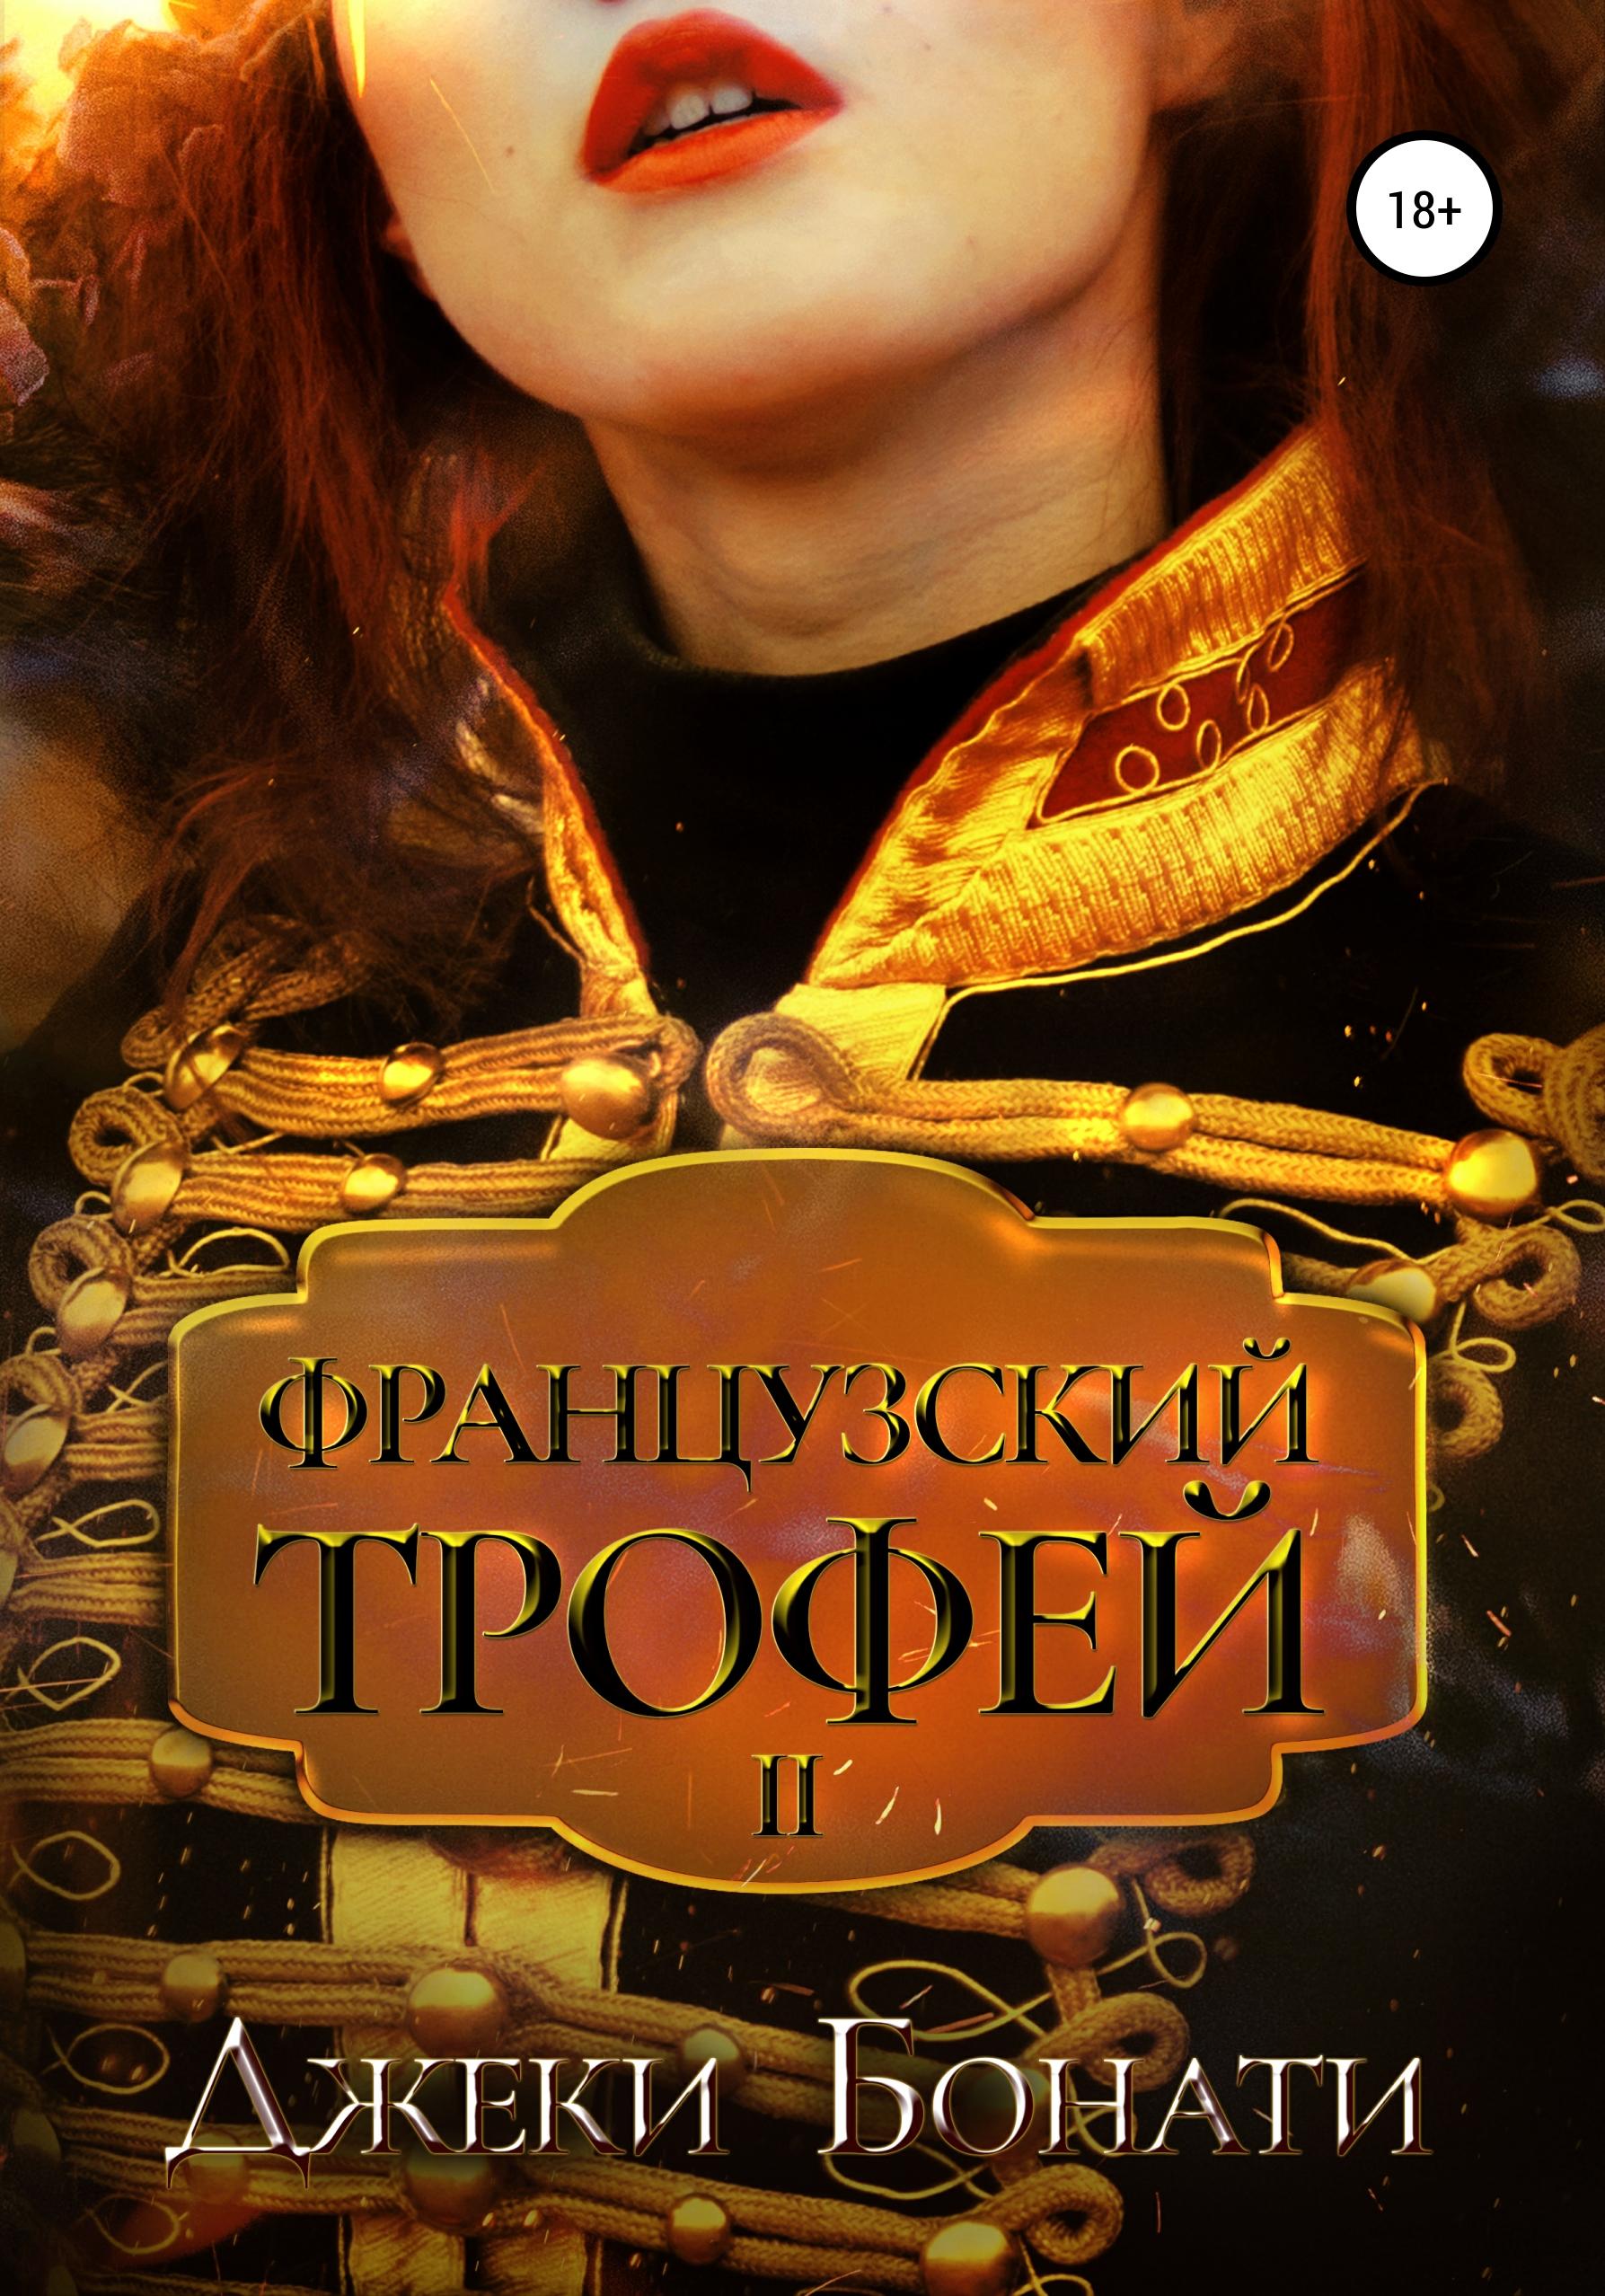 Джеки Бонати - Французский Трофей 2. После войны